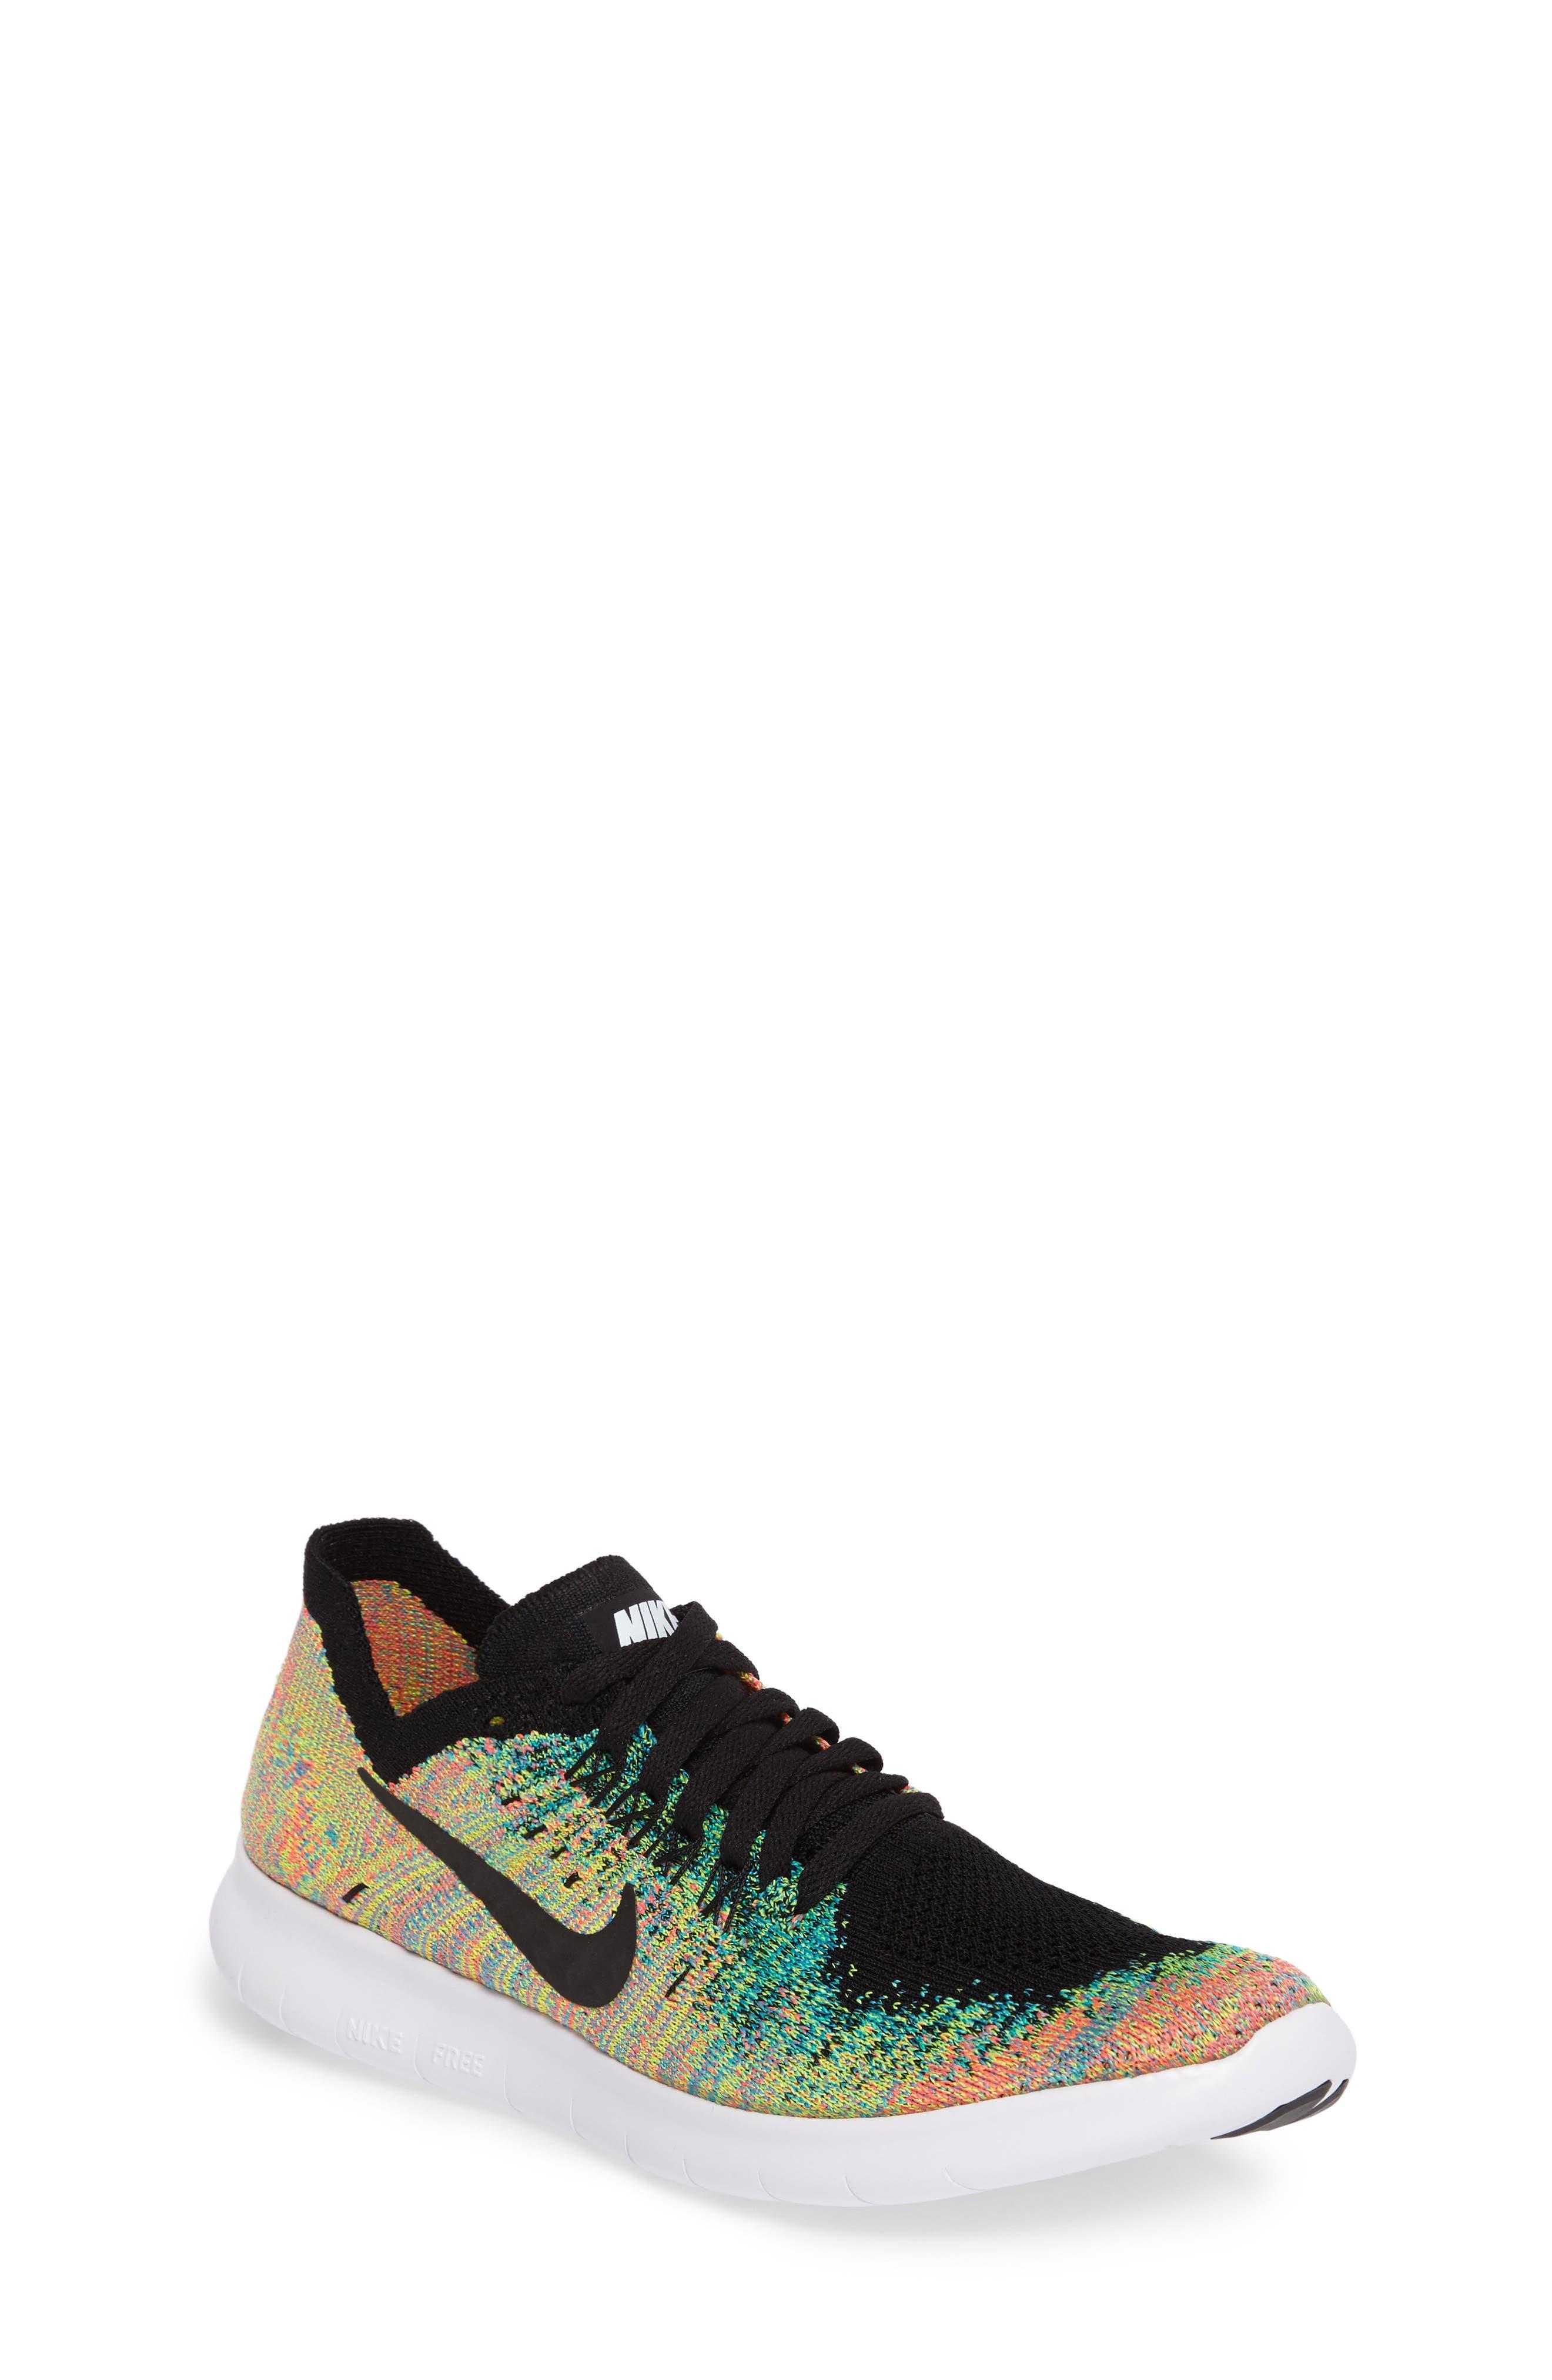 Main Image - Nike Free RN Flyknit 2017 Running Shoe (Big Kid)